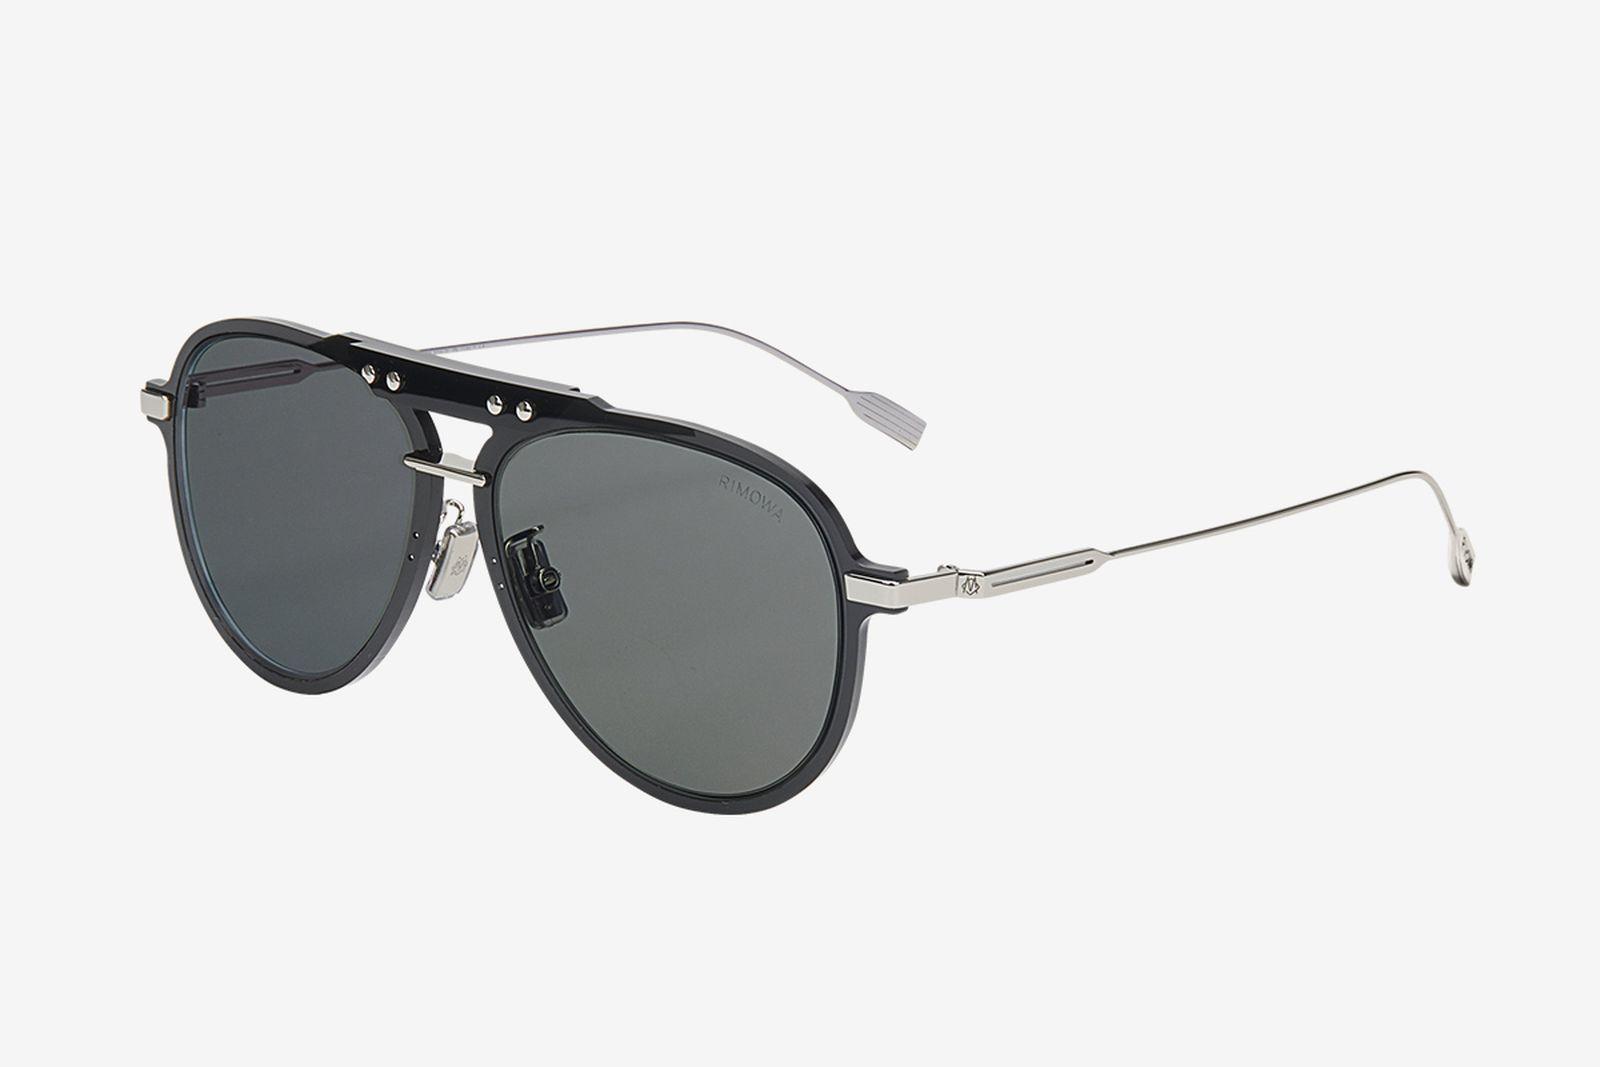 rimowa-eyewear-21